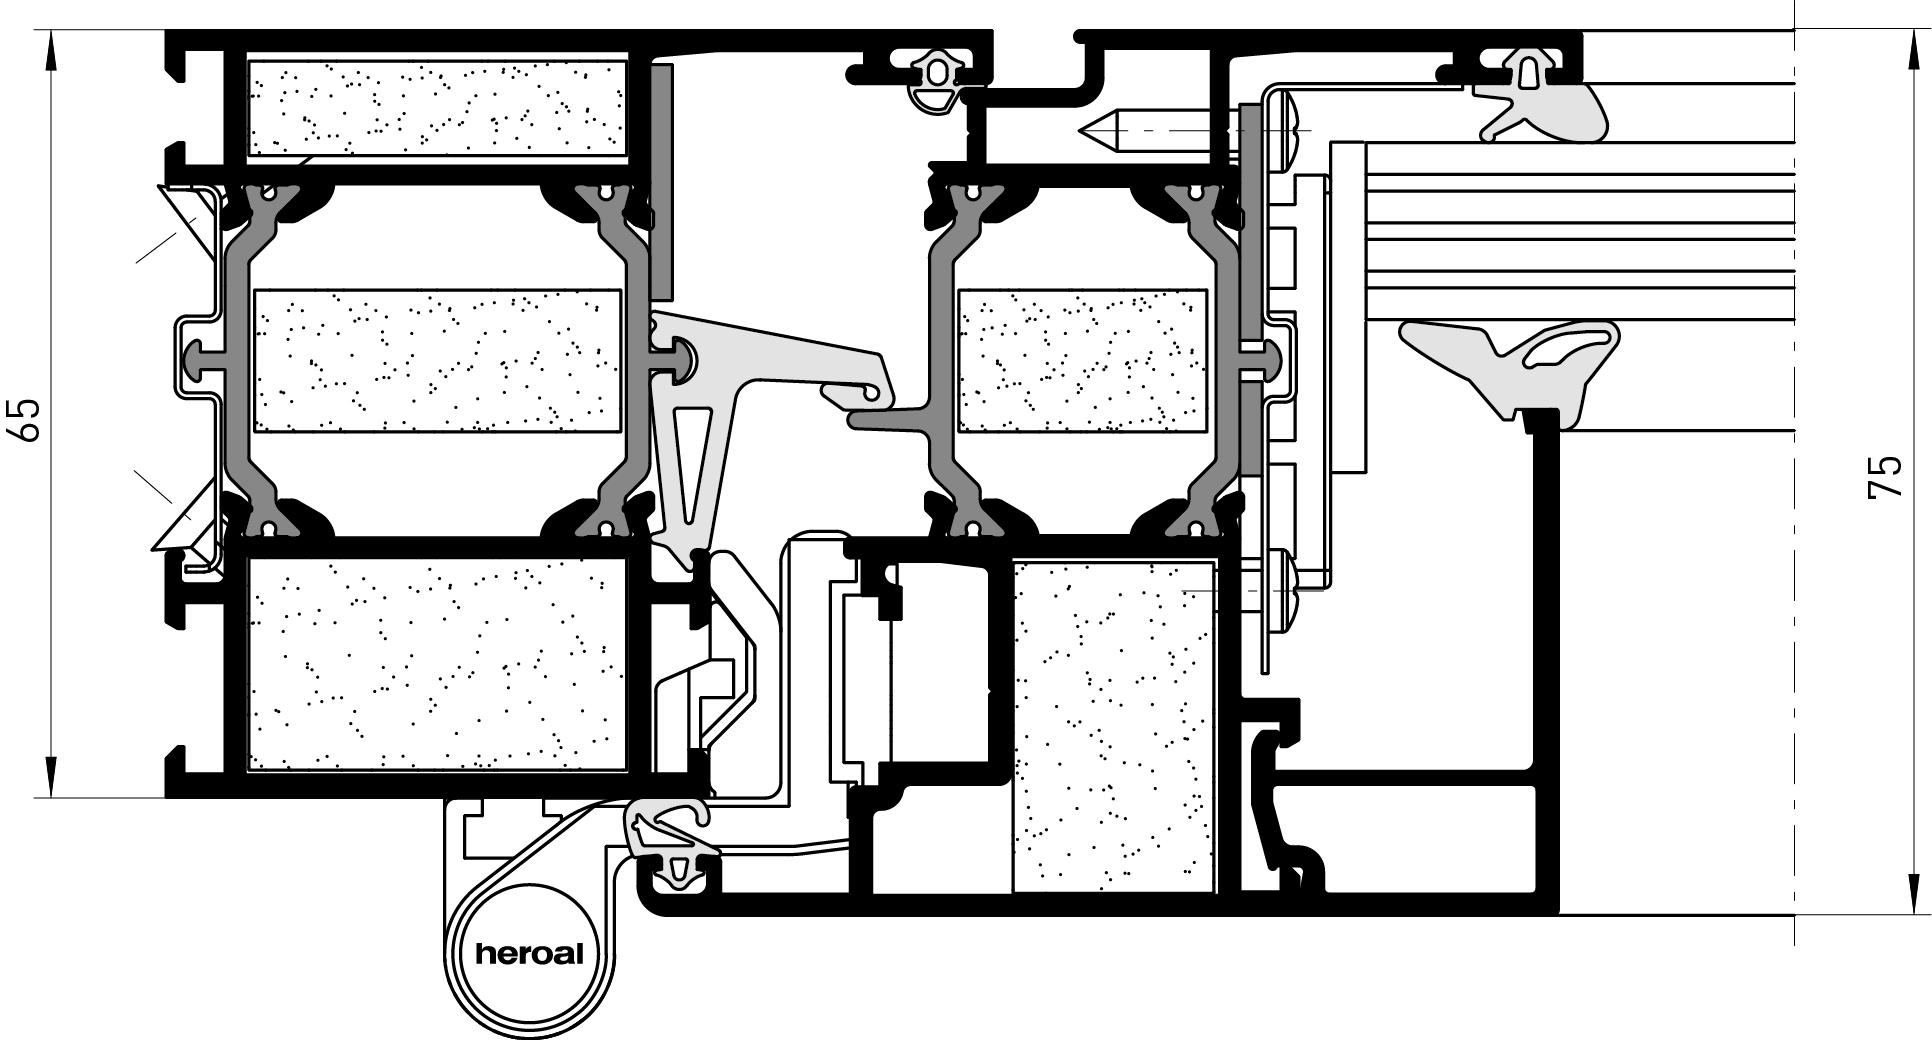 heroal w 65 fp fenstersysteme. Black Bedroom Furniture Sets. Home Design Ideas